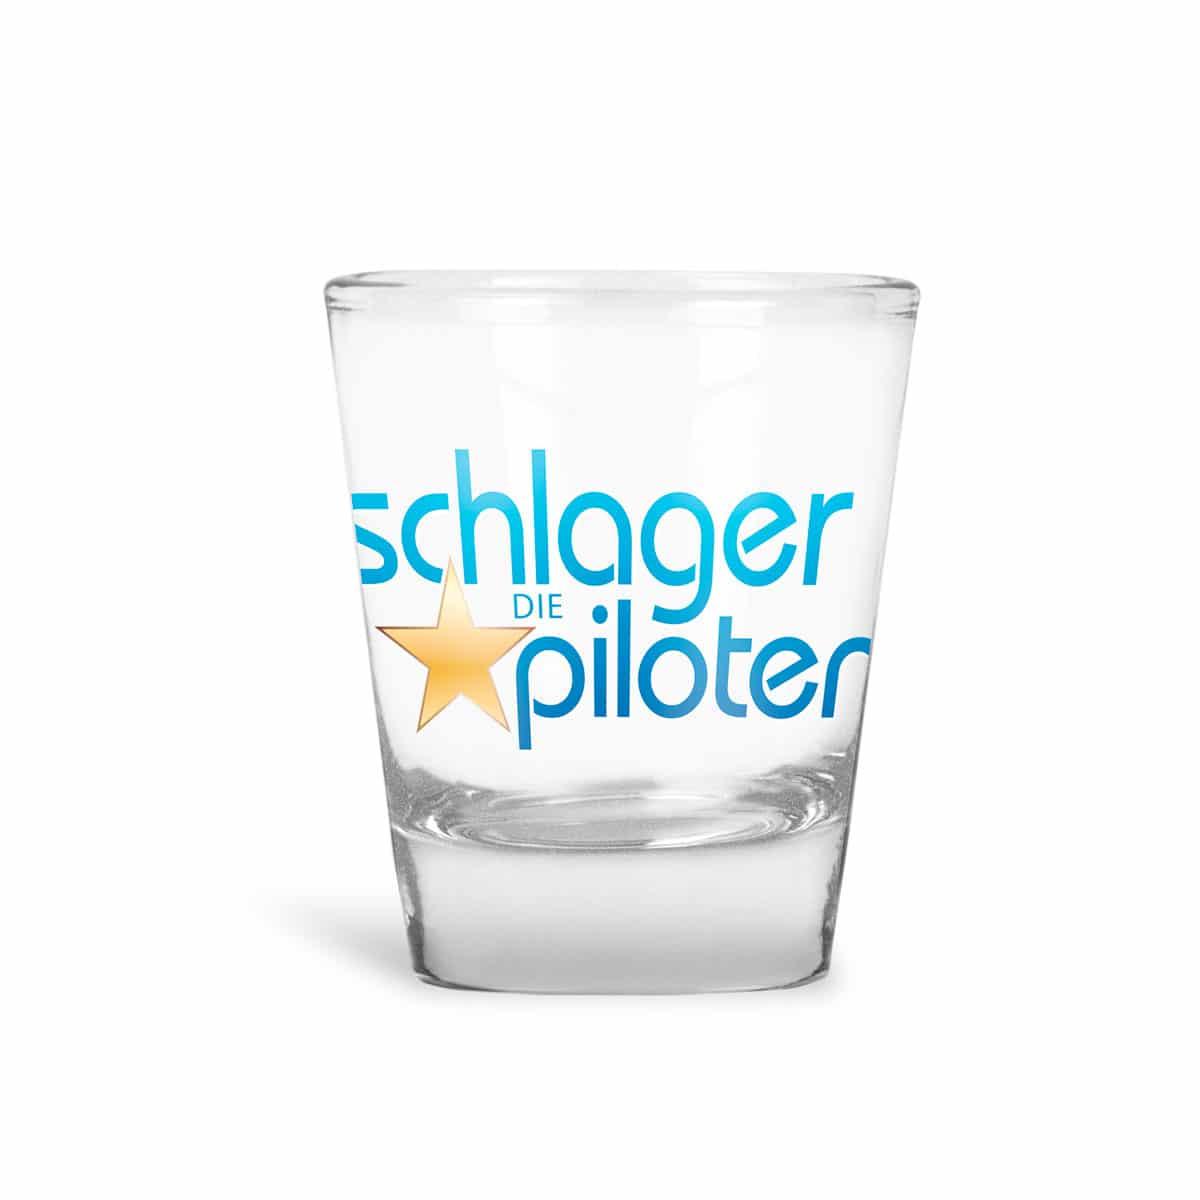 Schnapsglas Schlagerpiloten logo blau